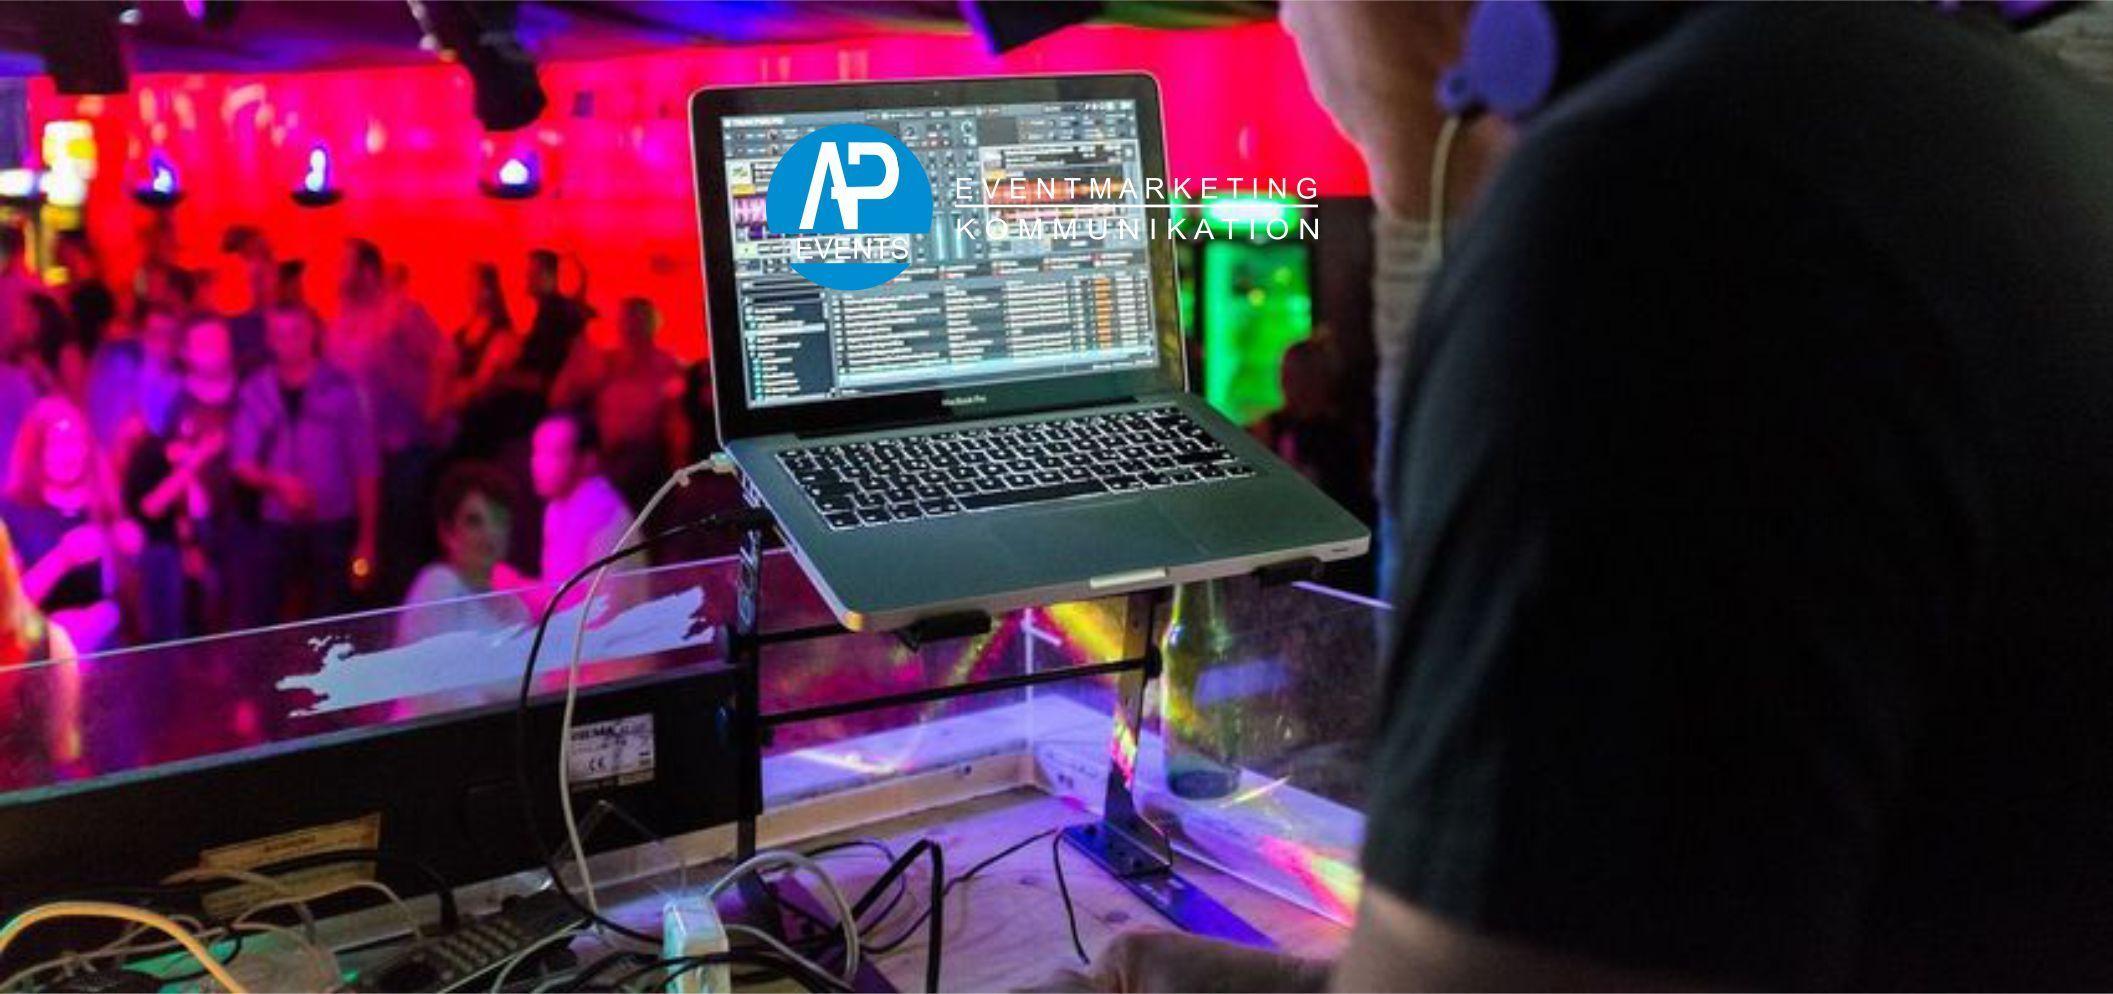 Veranstaltungstechnik | AP Events